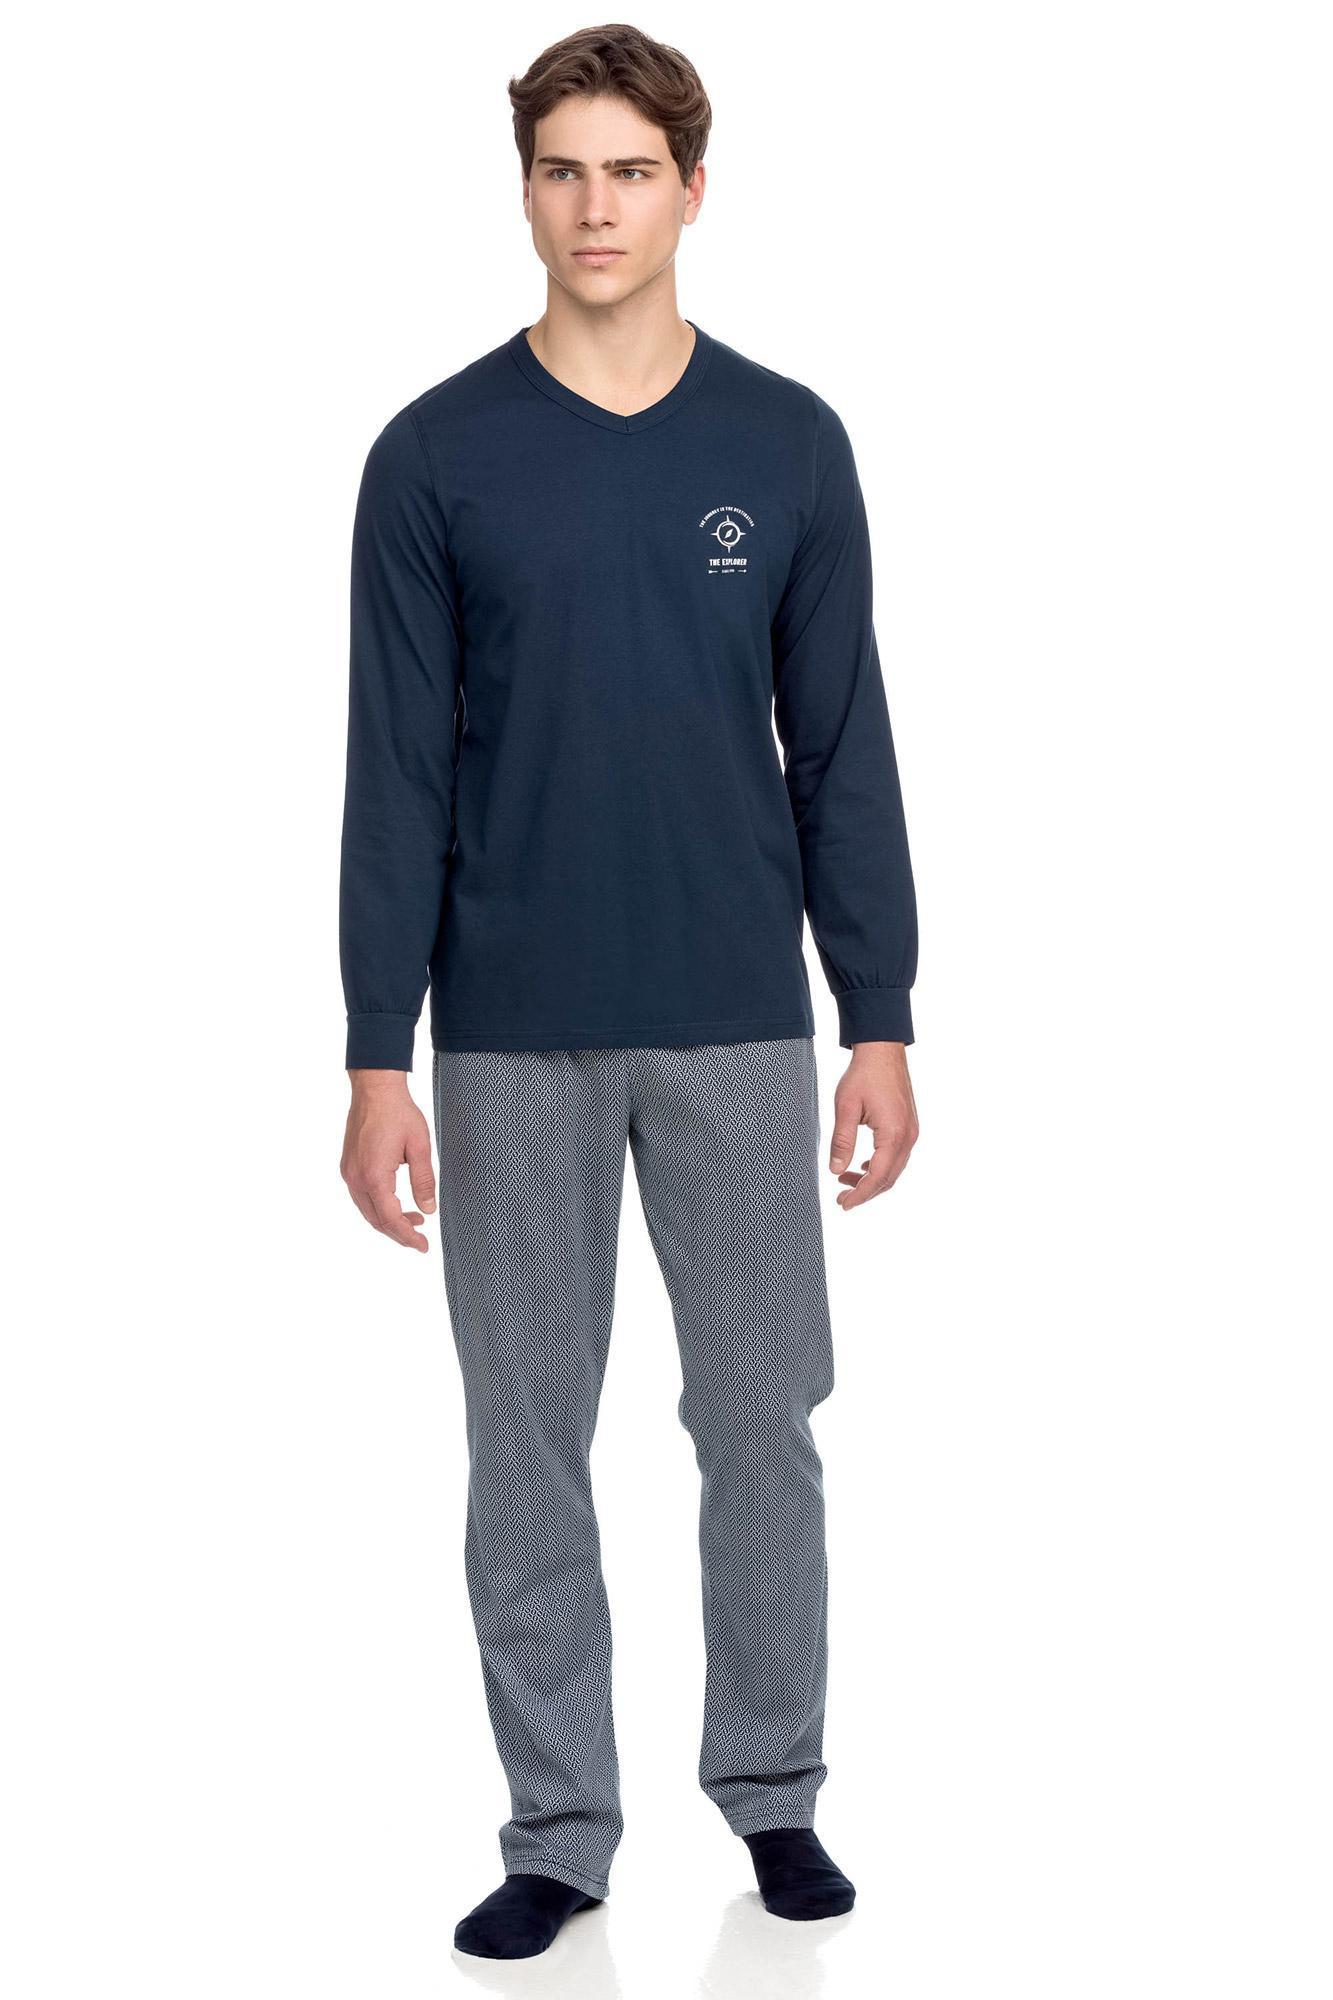 Vamp - Bavlnené pánske pyžamo 15664 - Vamp blue oxford m